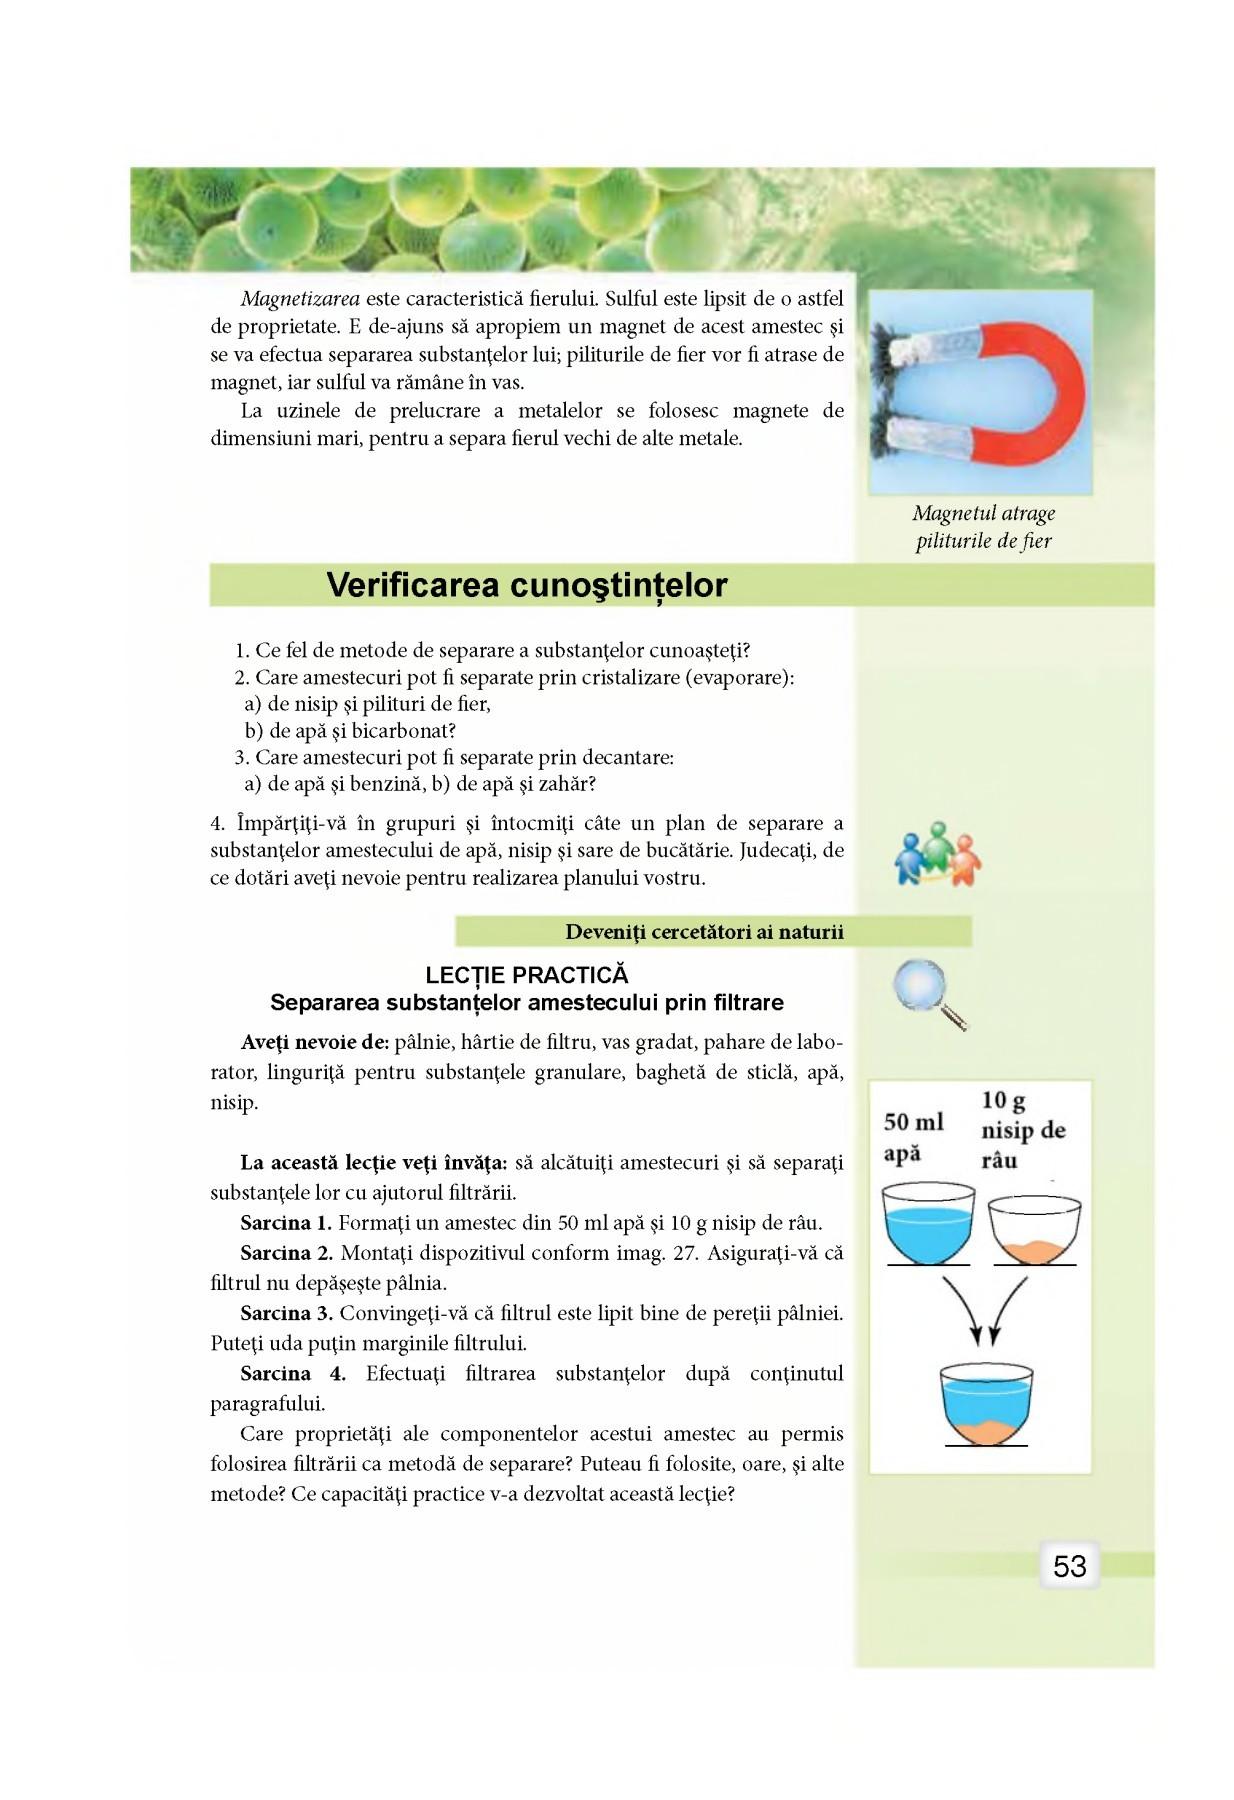 dar plutirea - Traducere în engleză - exemple în română | Reverso Context